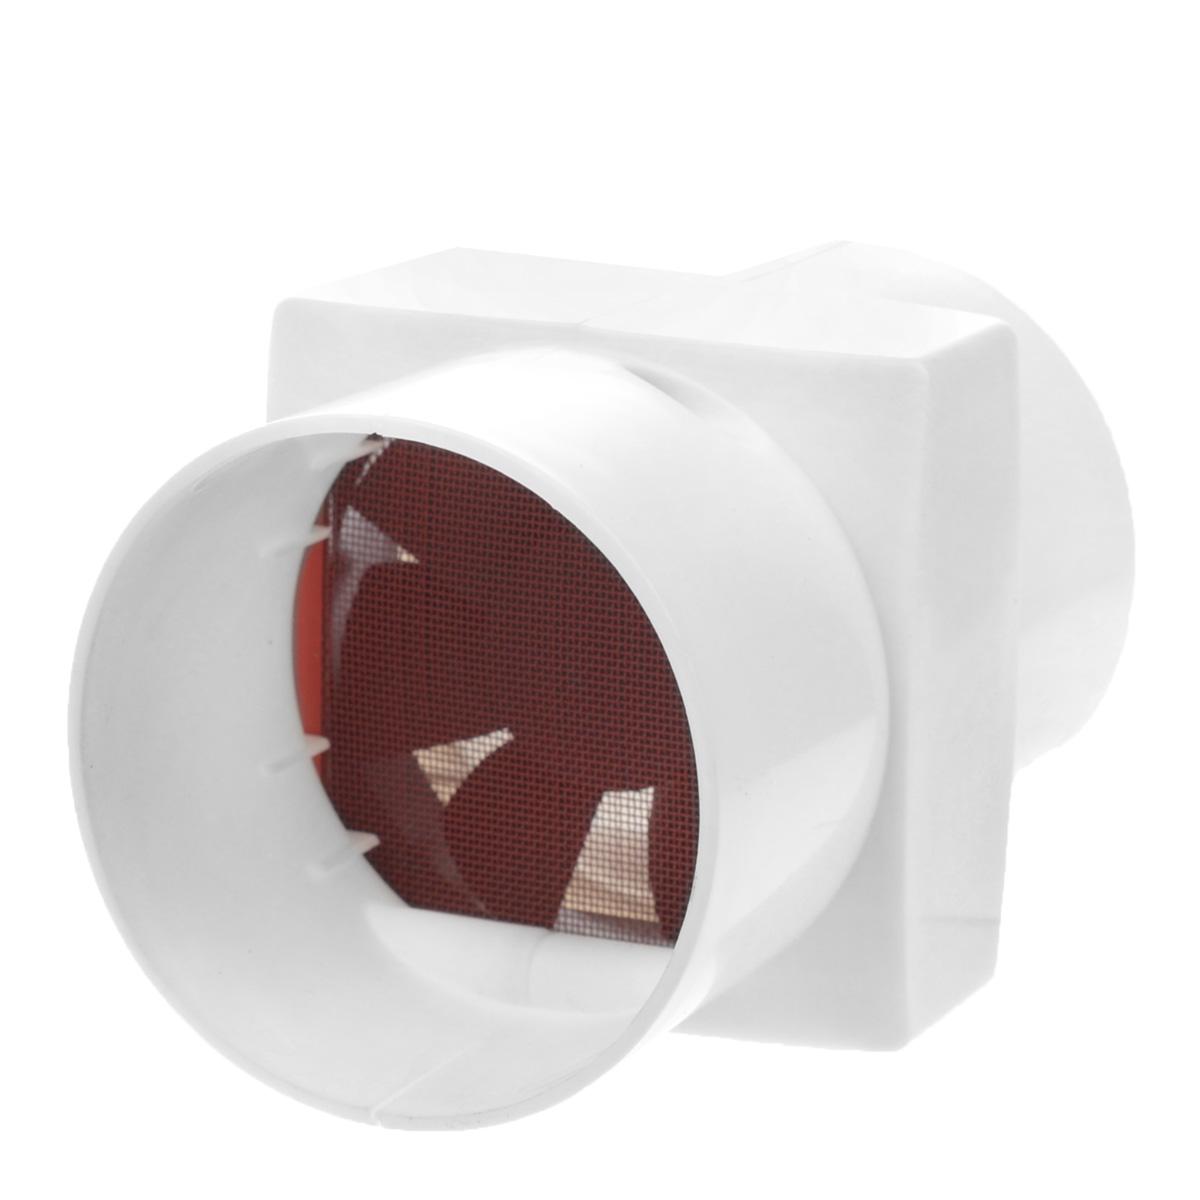 Муфта с вентилятором Piteco В01B01Муфта Piteco В01 применяется для усиления и ускорения воздухообмена, удаления неприятных запахов из торфяных туалетов Piteco, Separett. Особенно рекомендуется применять при изгибах вентиляционной трубы для обеспечения нормального вентилирования торфяных туалетов.В комплект входит блок питания.